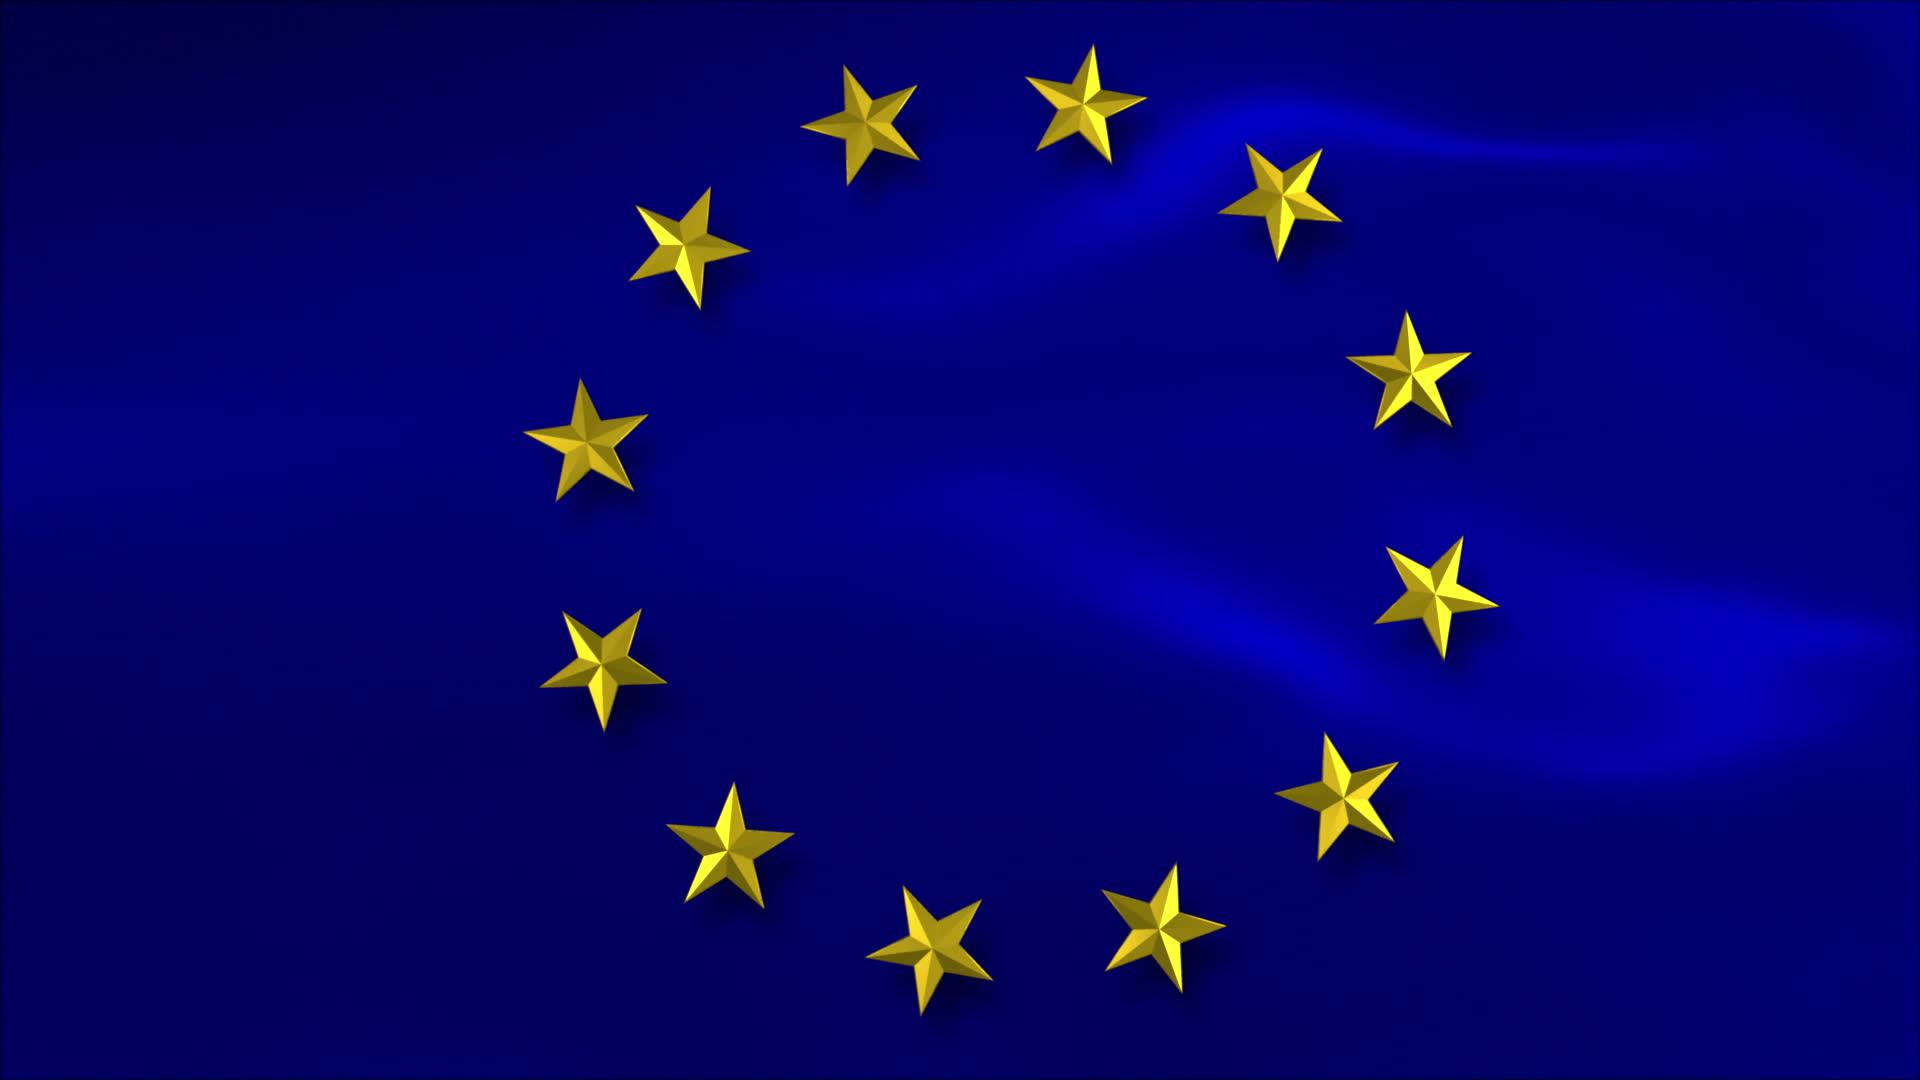 обои для рабочего стола флаг евросоюза № 389580  скачать